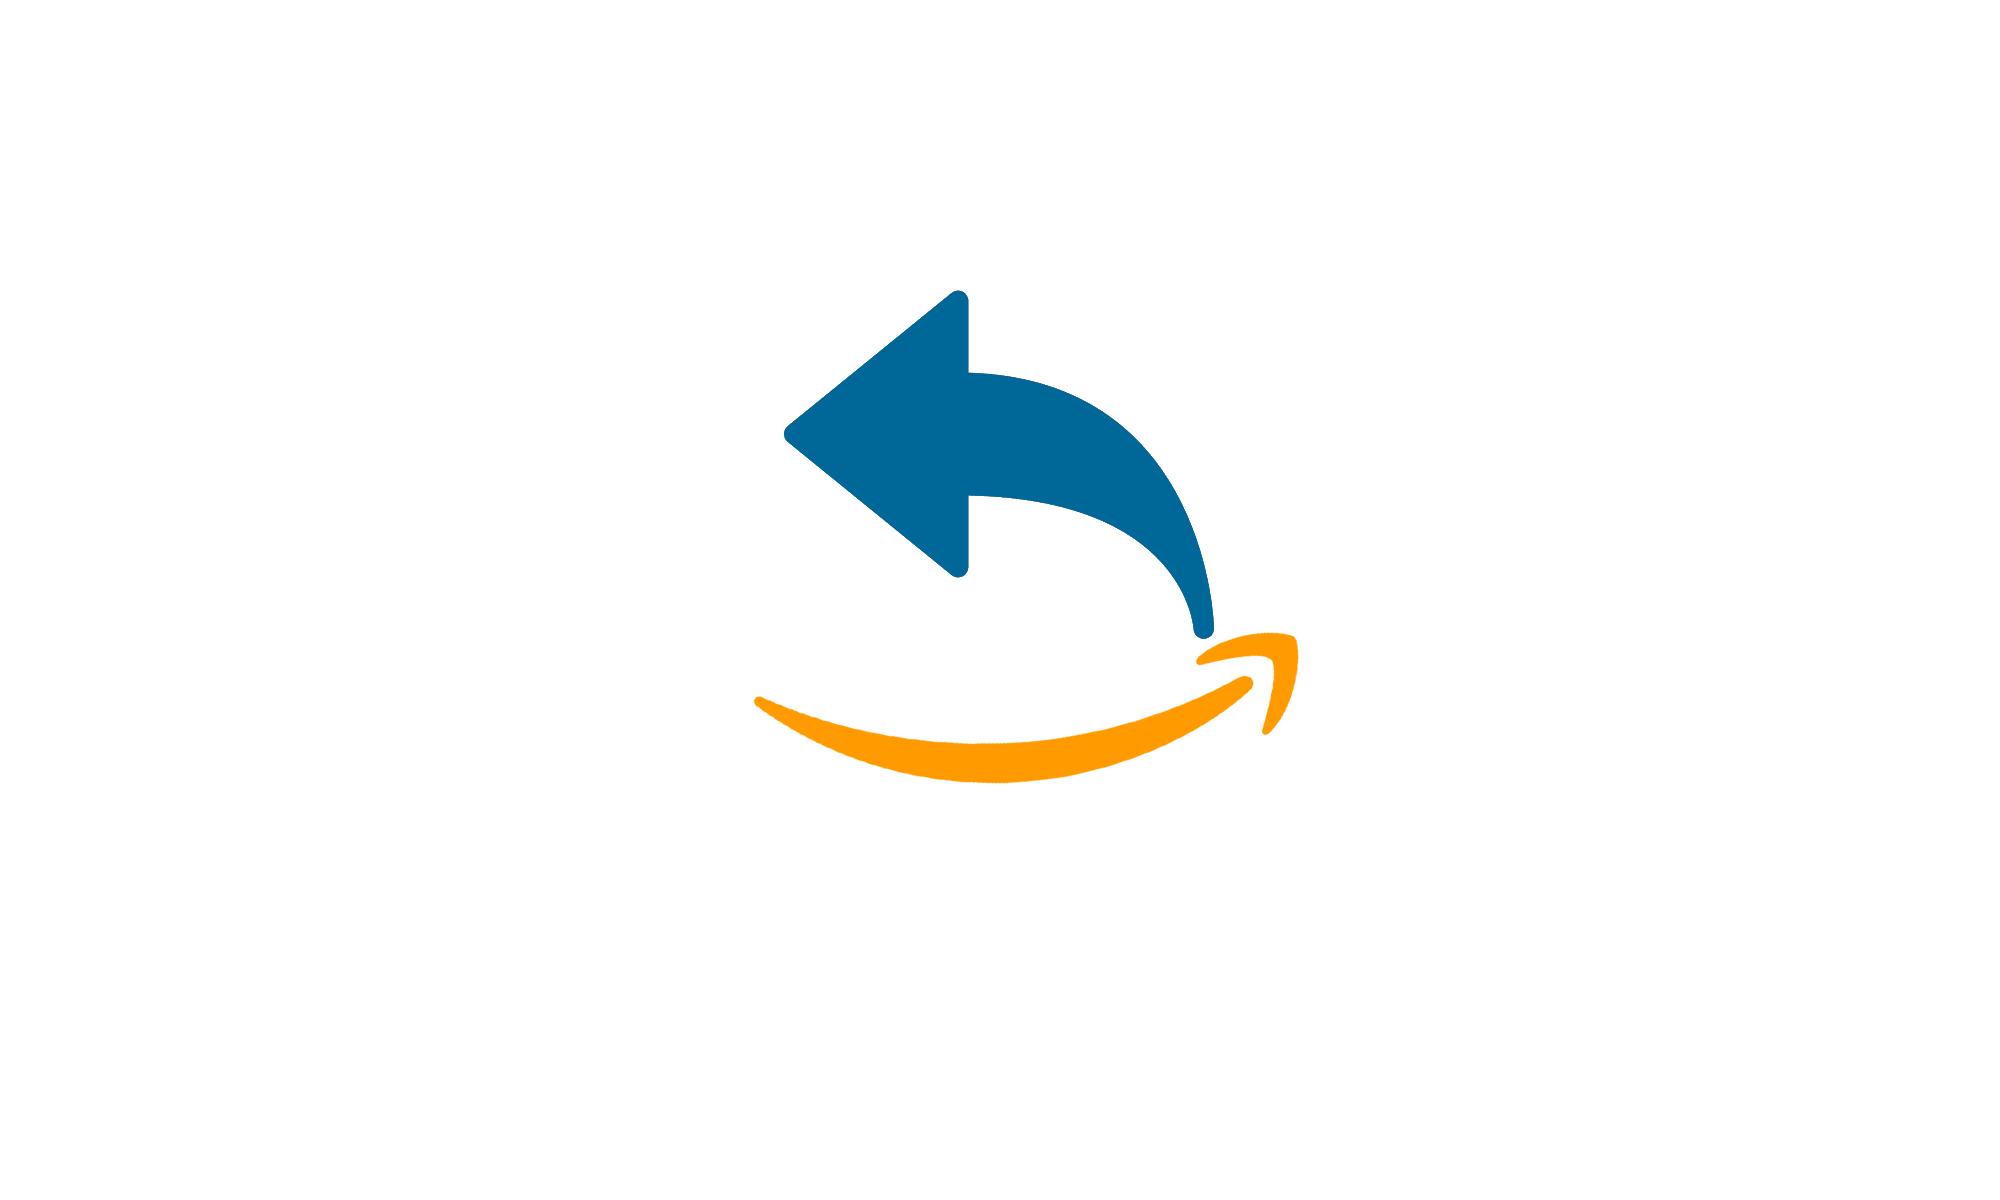 Chia sẻ kinh nghiệm bán hàng trên Amazon – bí quyết thành công